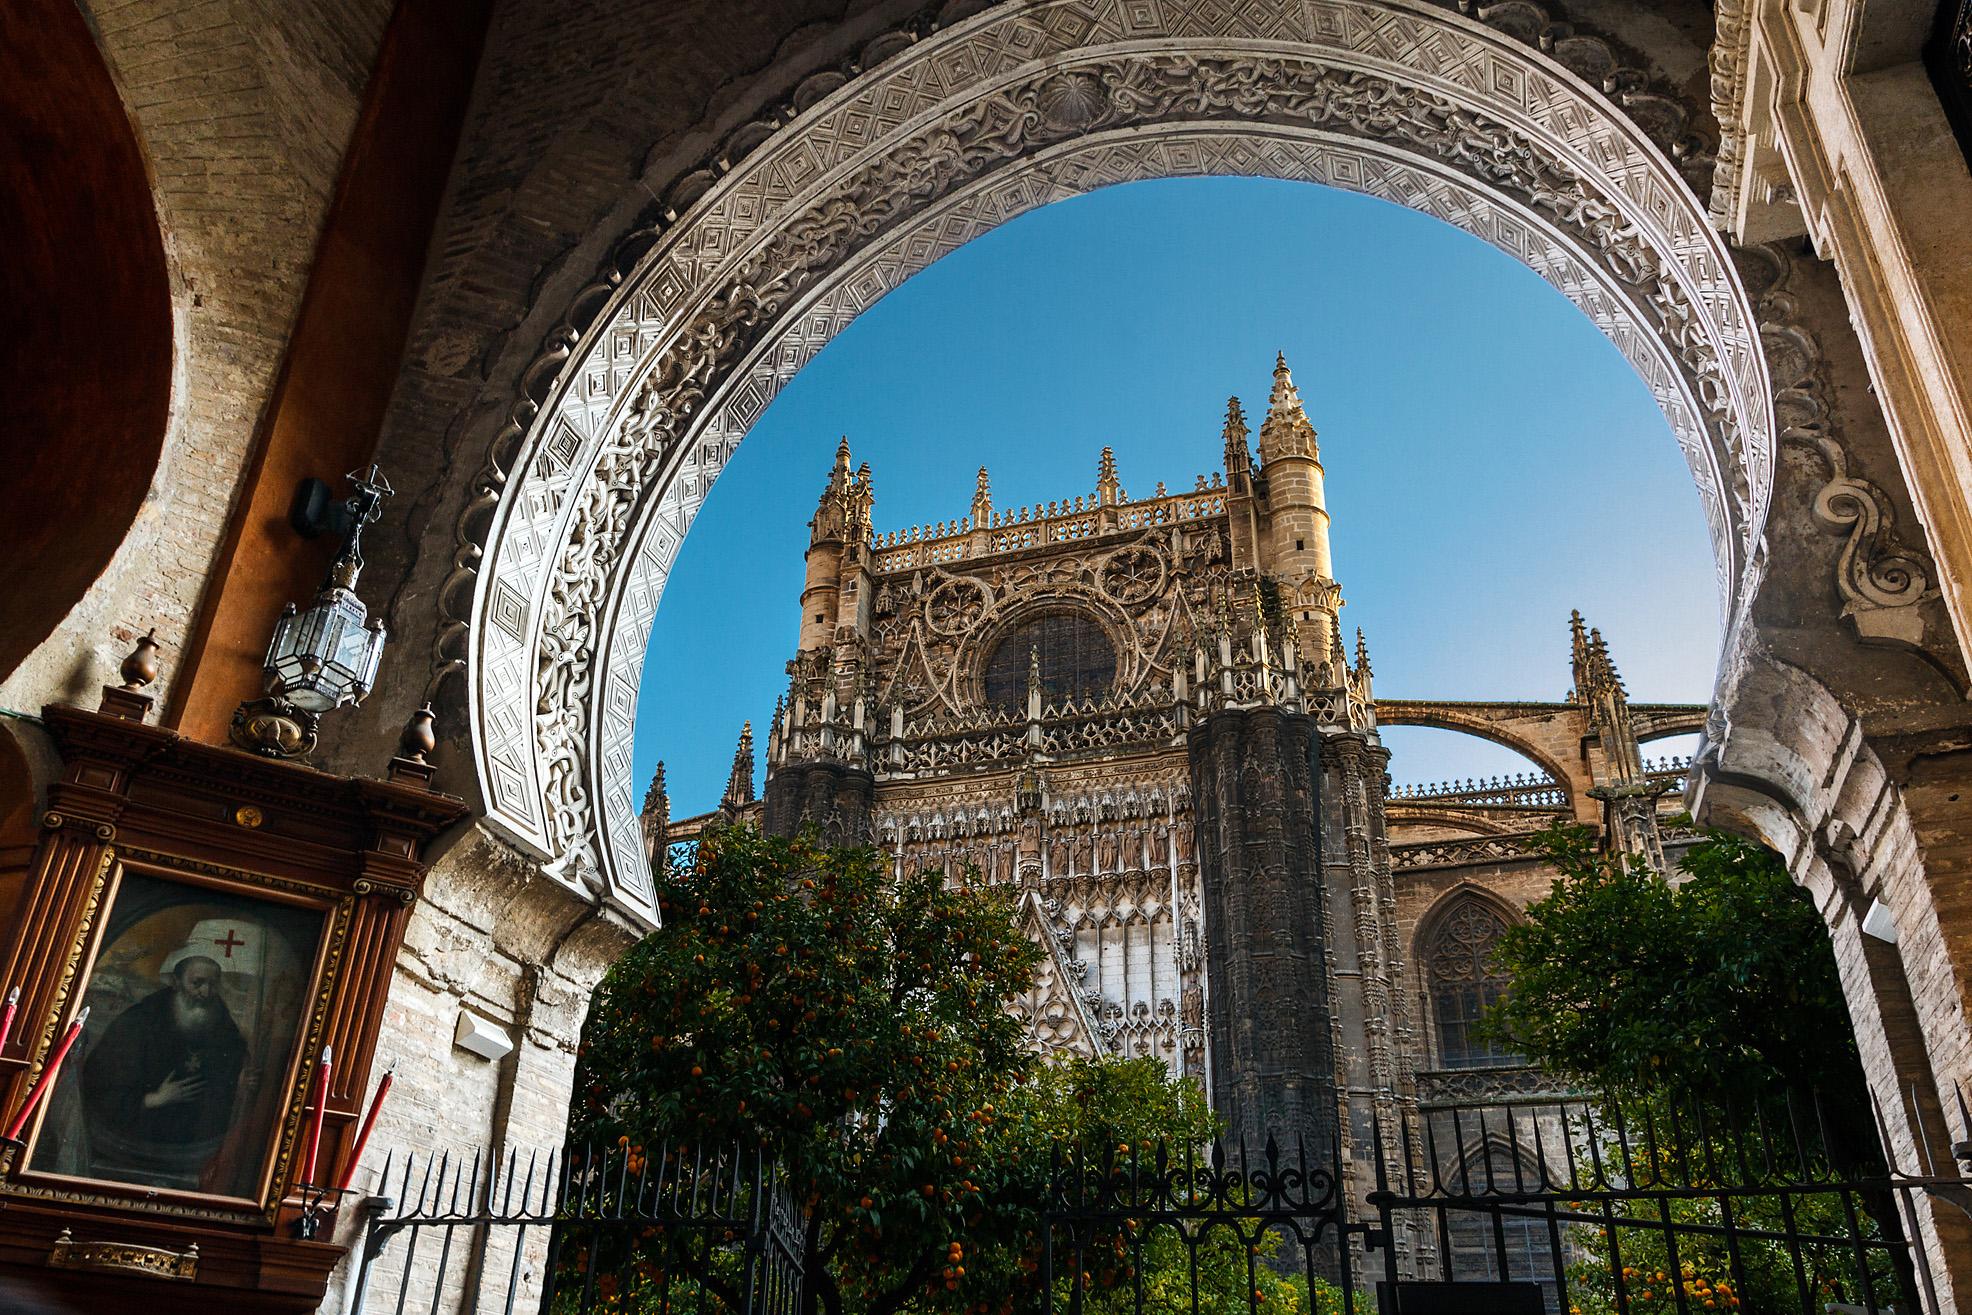 En Sevilla, se encuentra el triángulo conformado por la Catedral, el Alcázar y el Archivo de Indias.